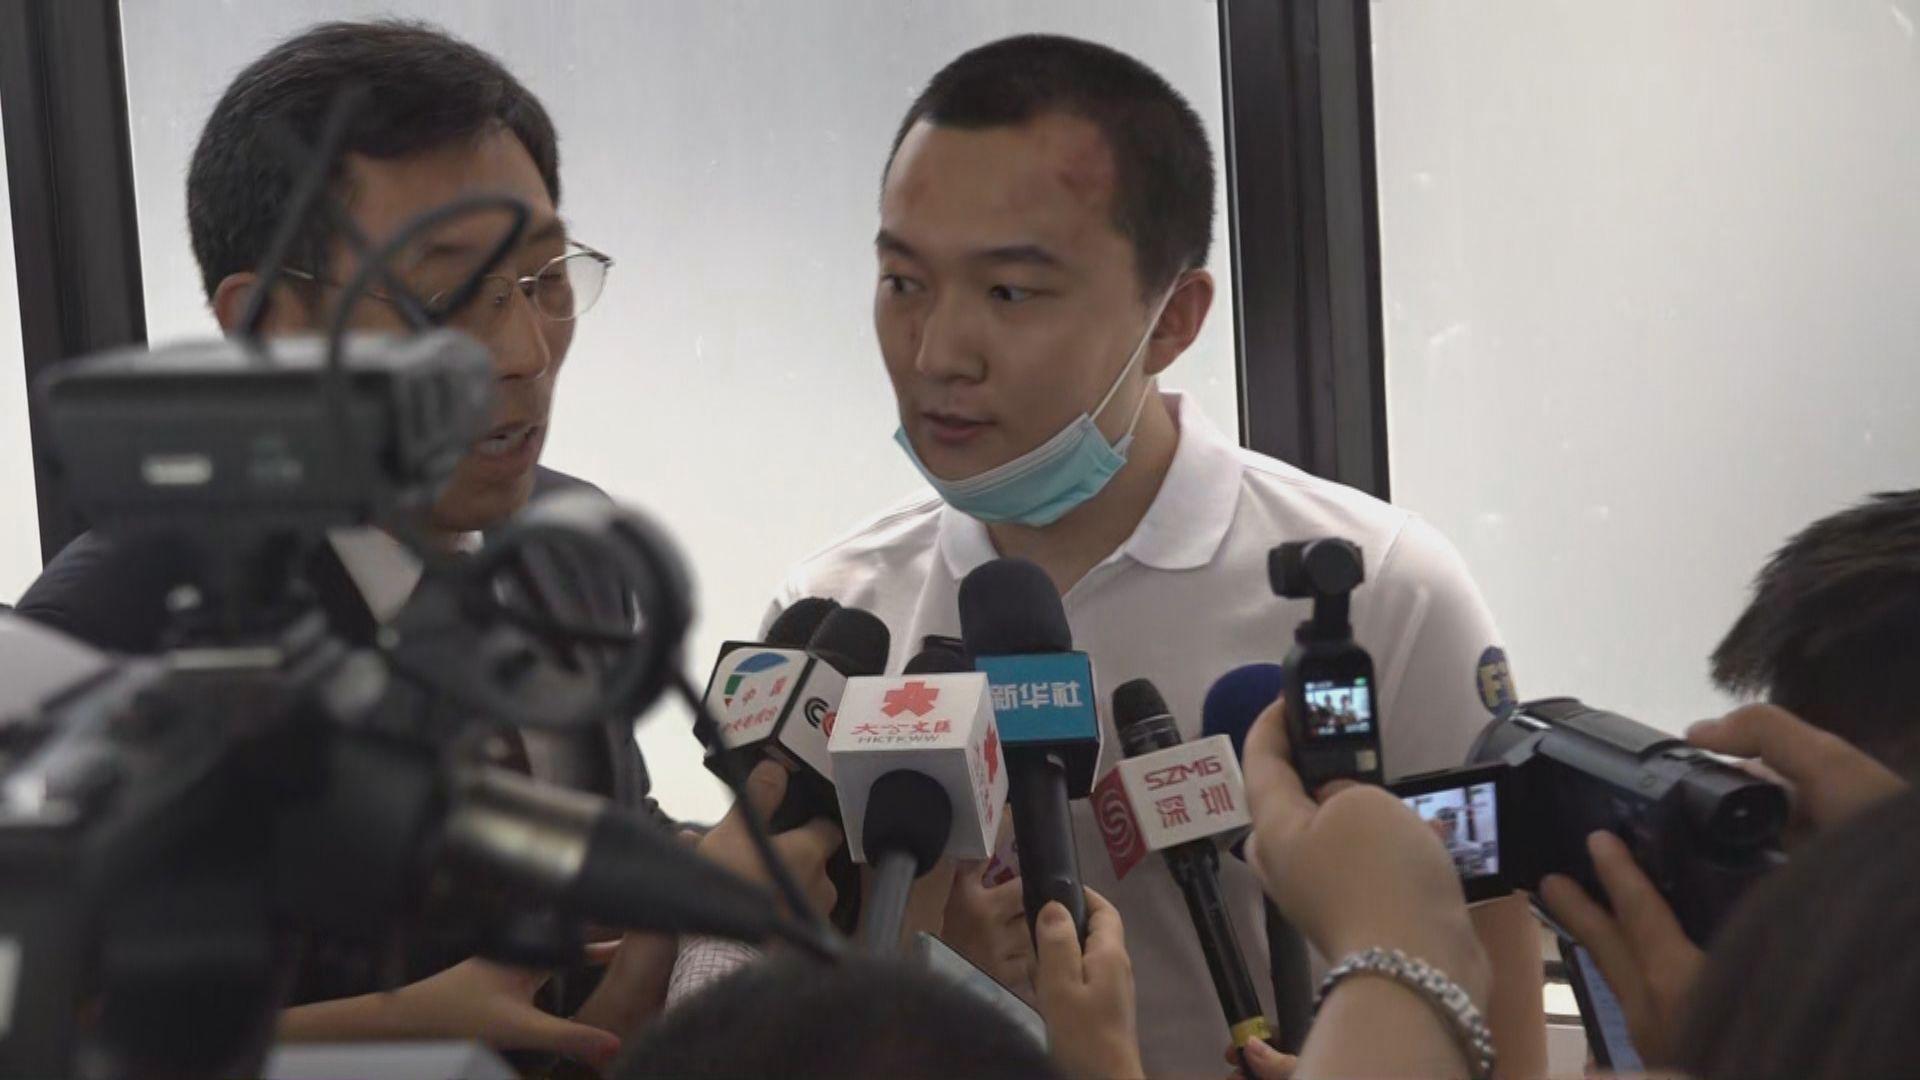 被示威者襲擊的環球時報記者付國豪出院